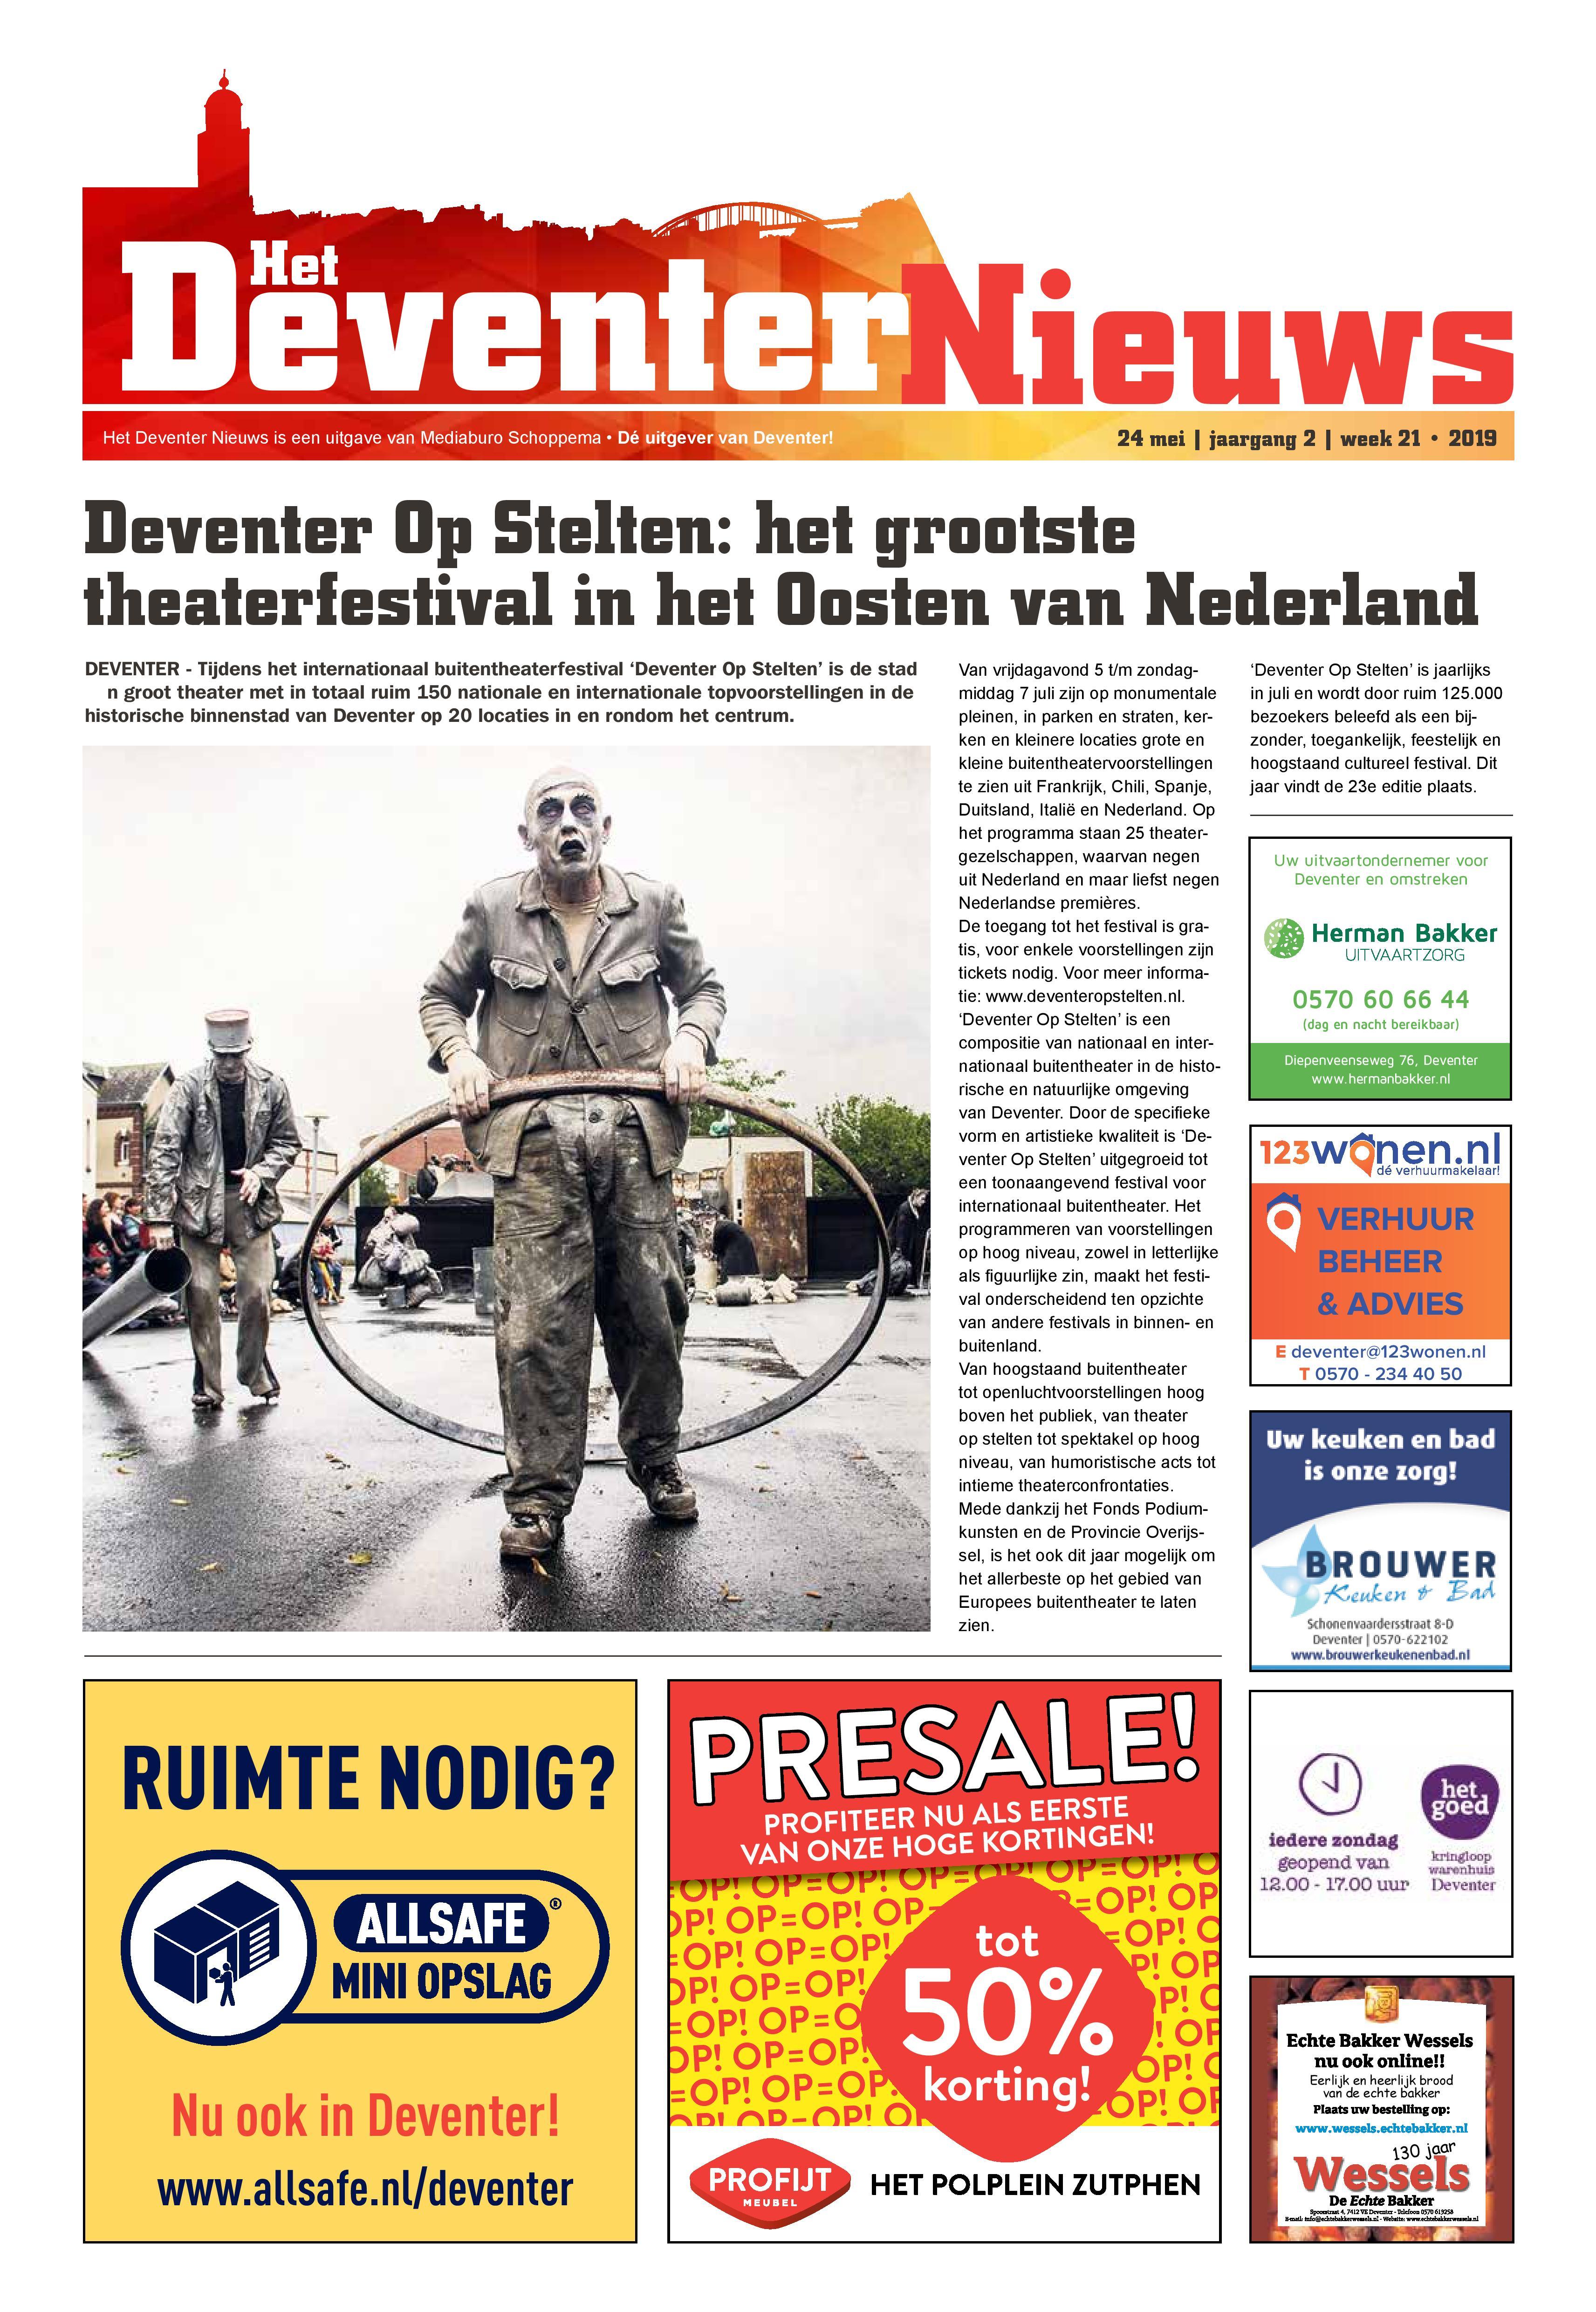 Deventer Nieuws week 21 2019-page-001